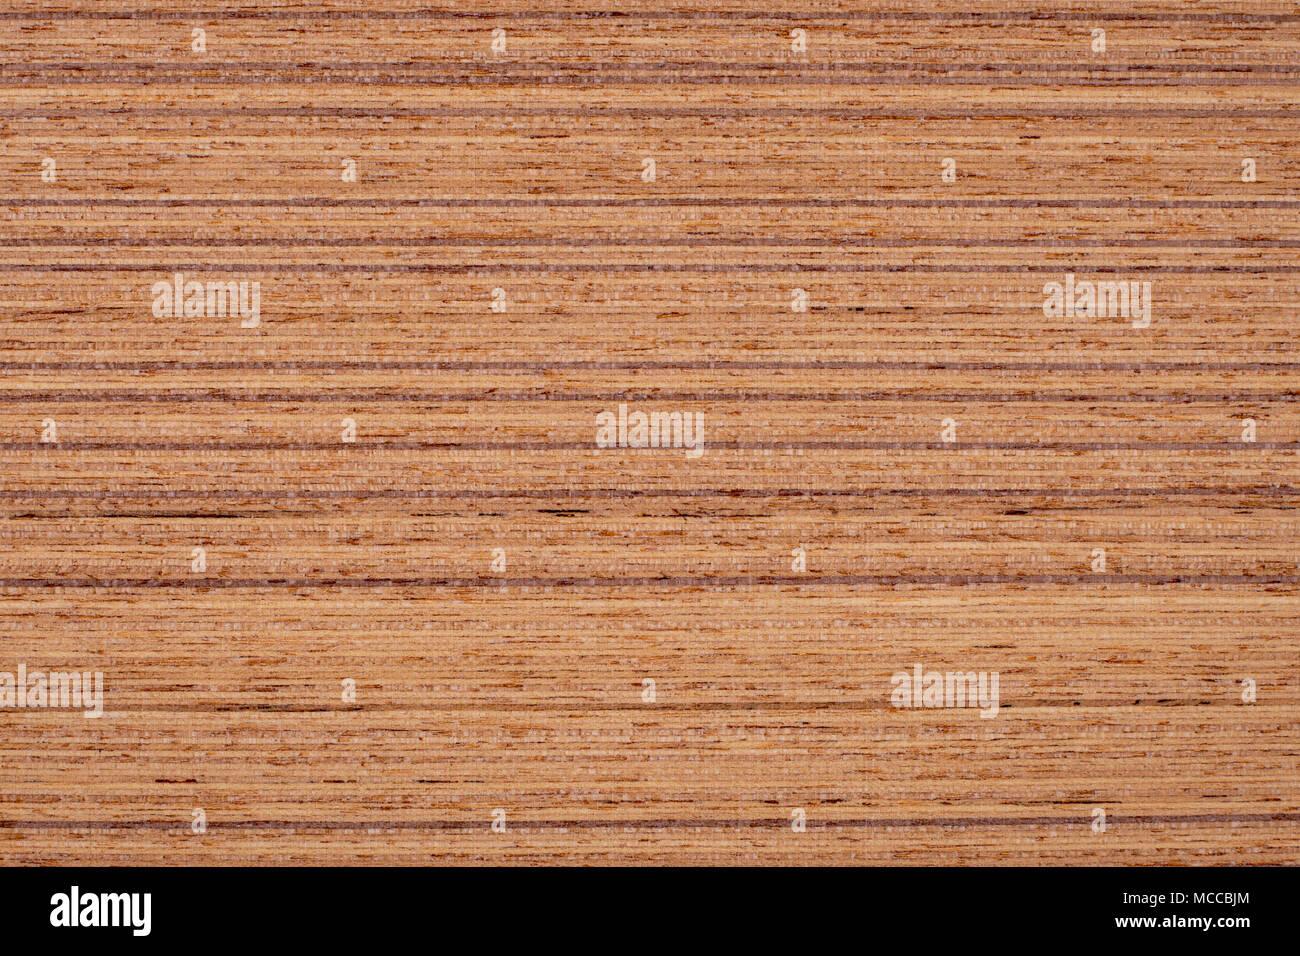 https://c8.alamy.com/compit/mccbjm/la-texture-di-marrone-in-legno-di-teak-sfondo-mccbjm.jpg